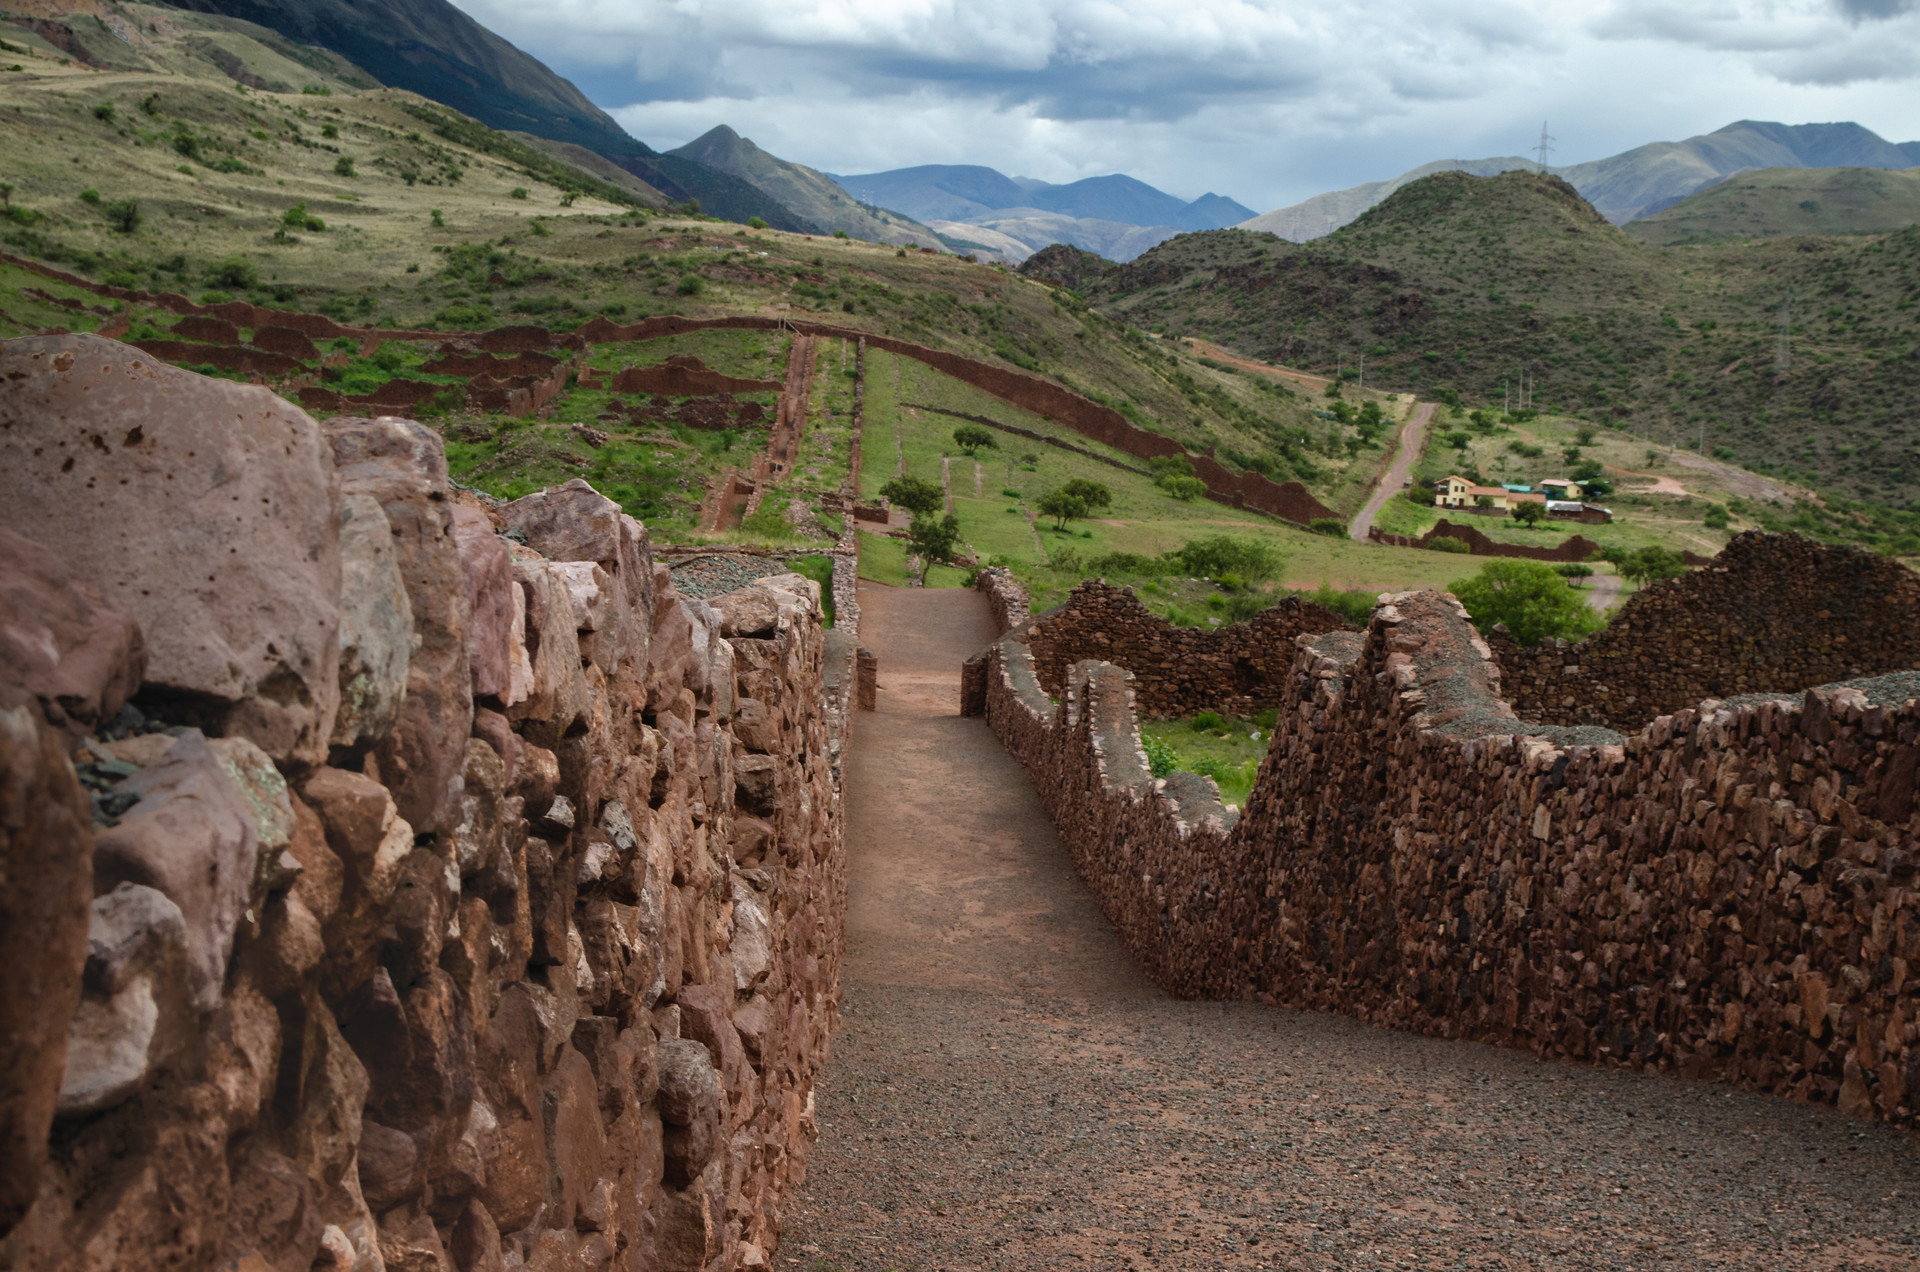 Pikillakta, Cultura Wari, Perú.